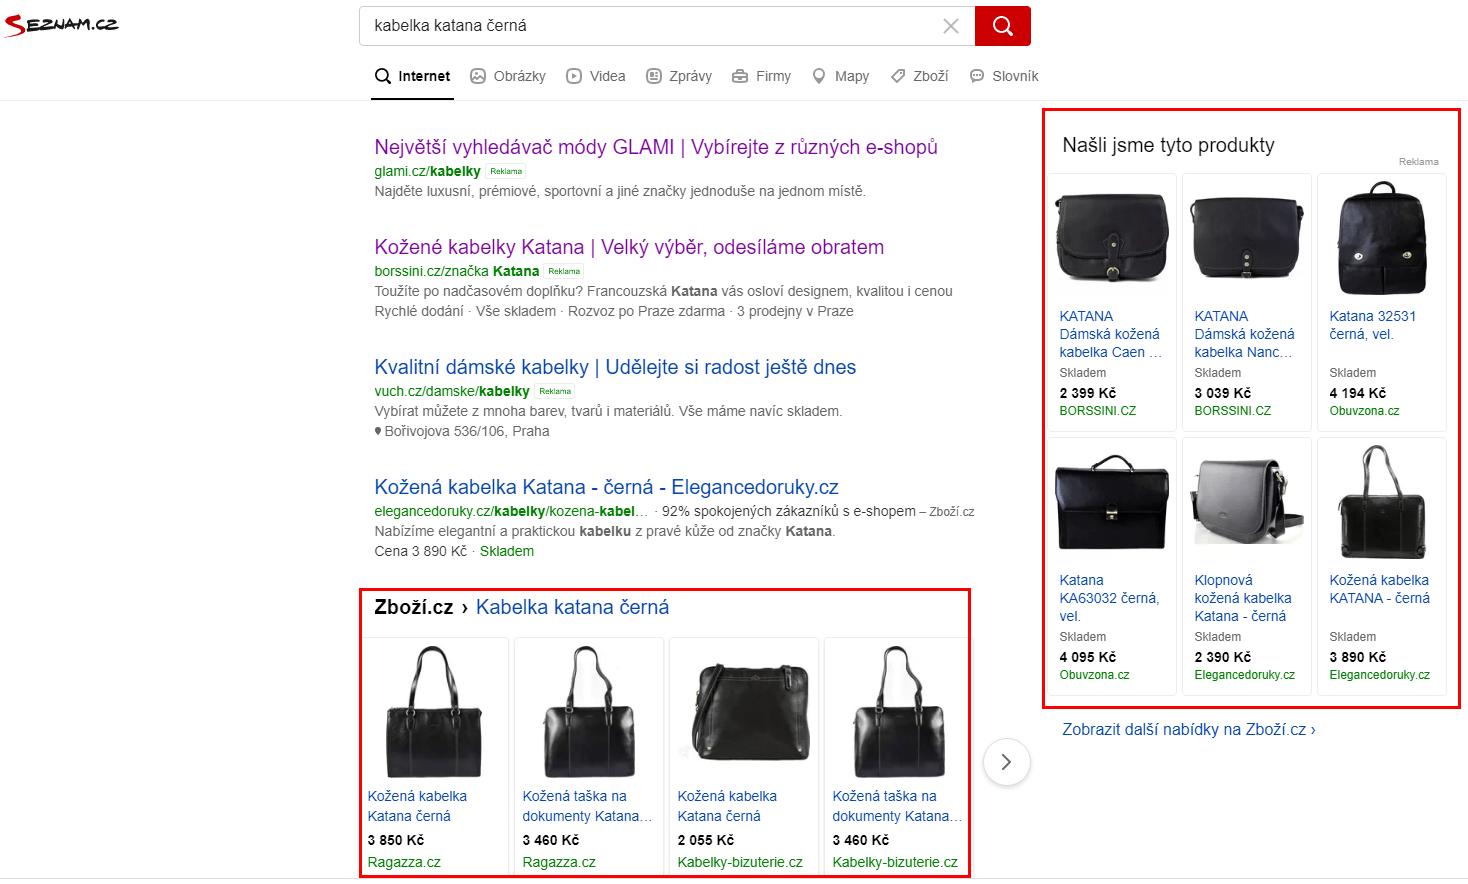 seznam nákupy